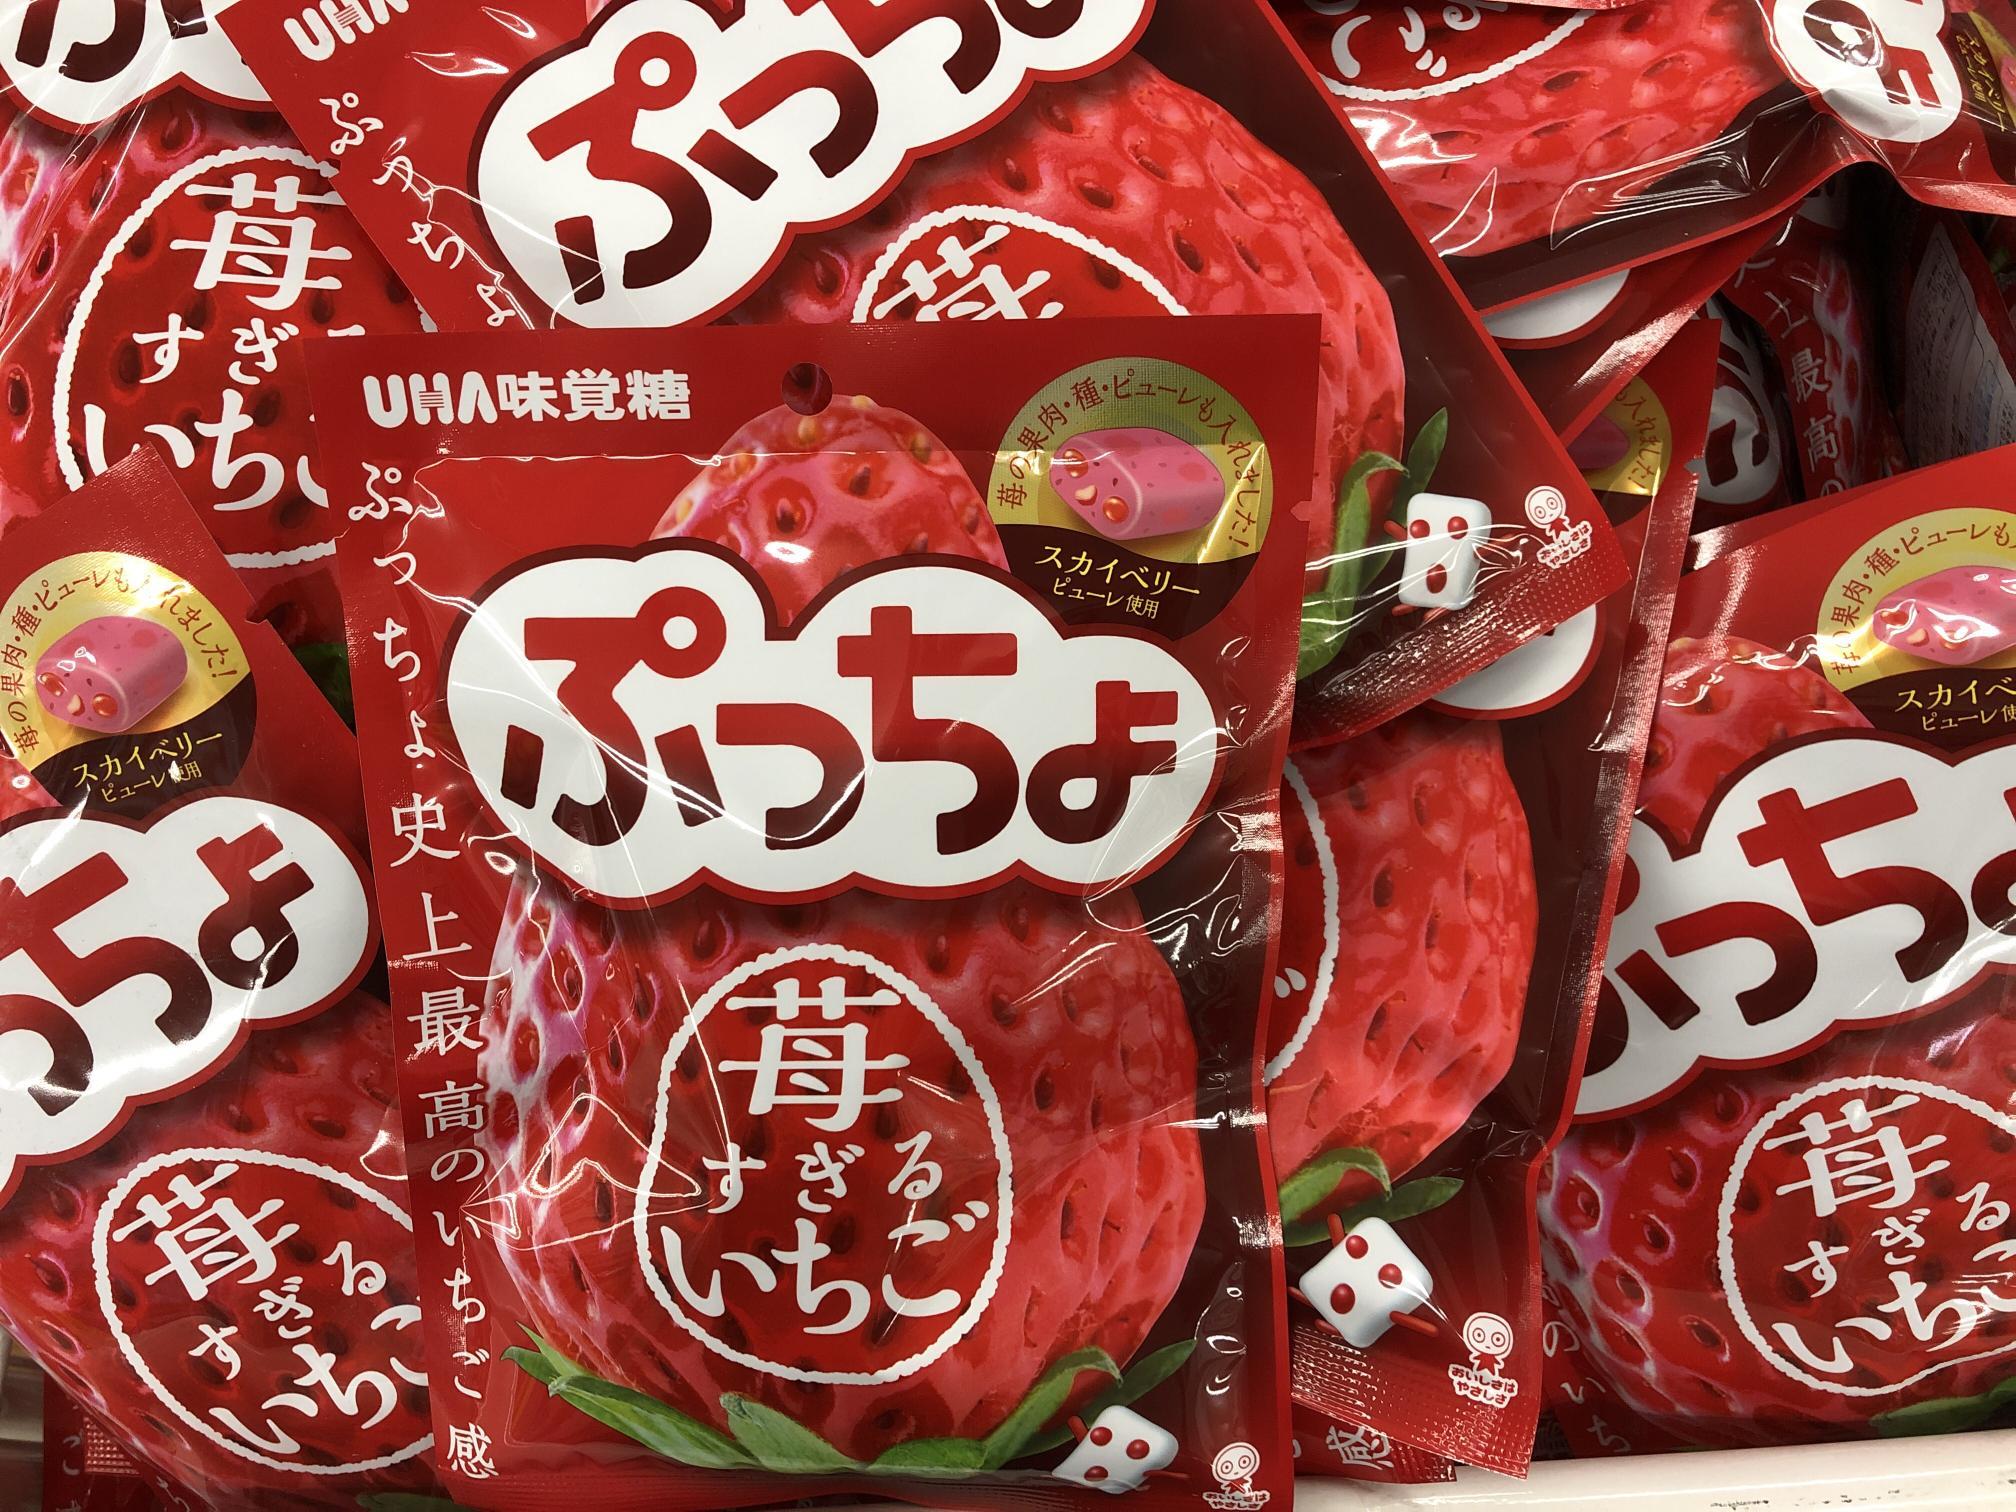 草莓味夹心味觉糖 83g (可以走低...